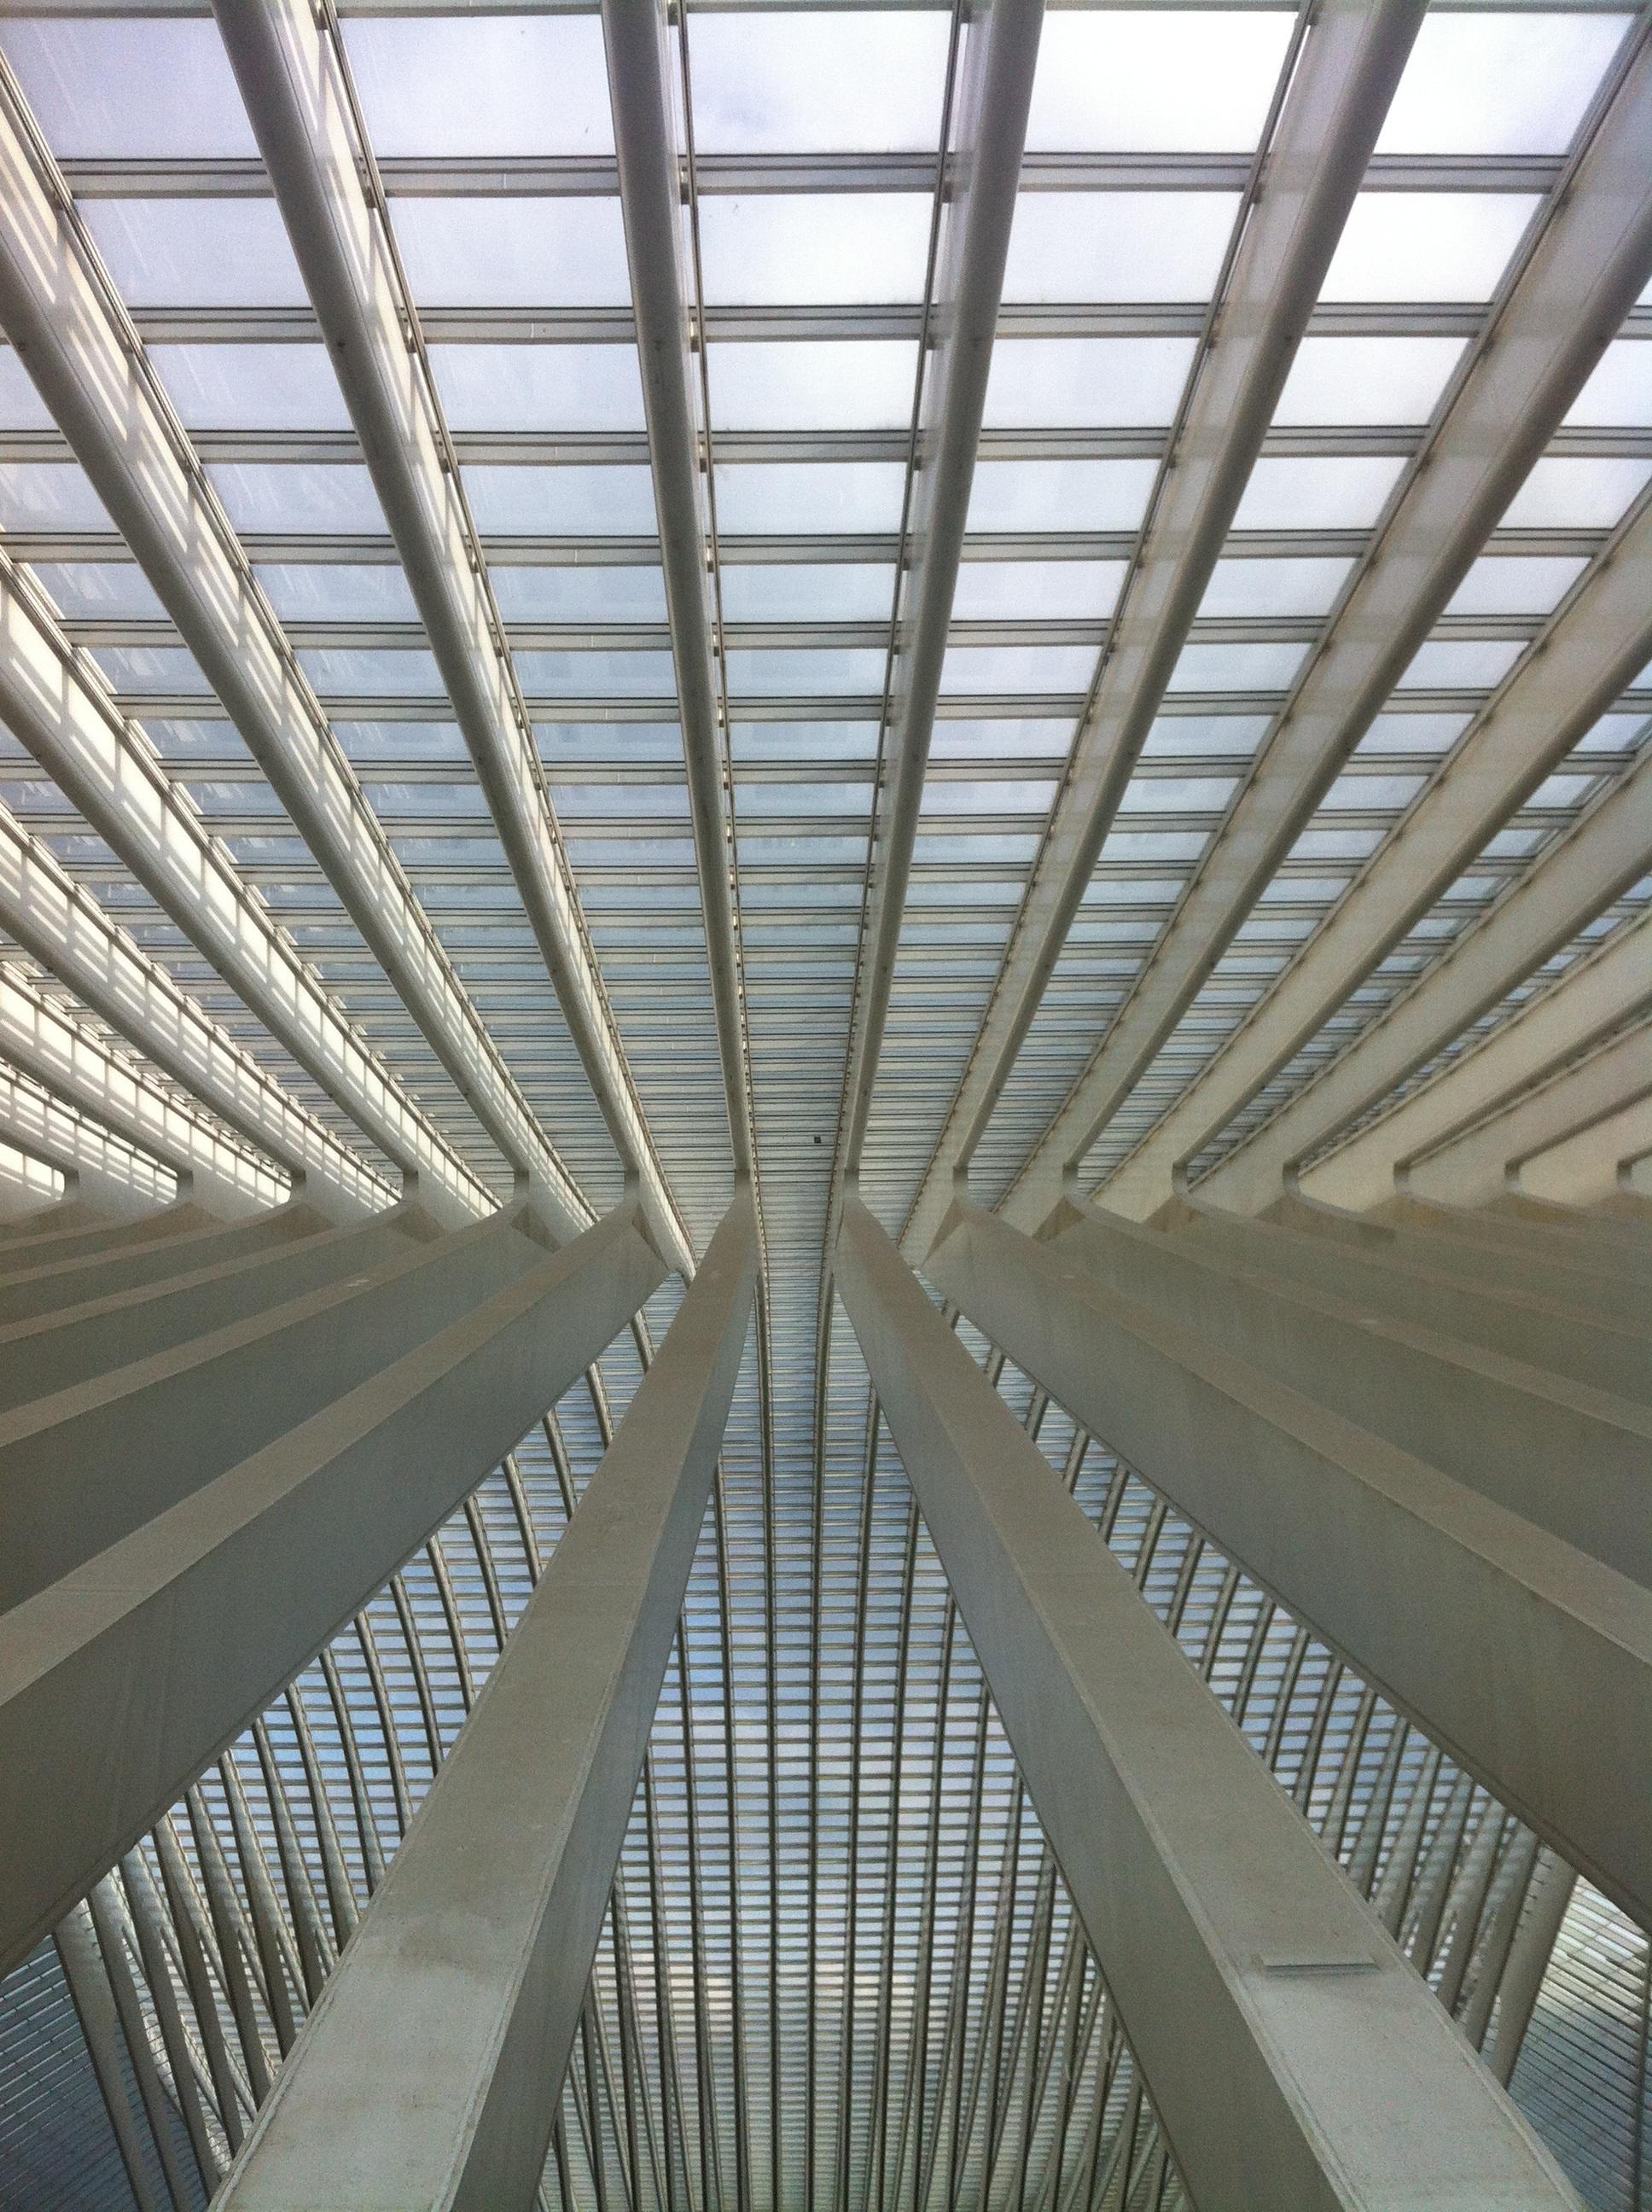 Stehlen Modern kostenlose foto die architektur struktur glas stehlen decke